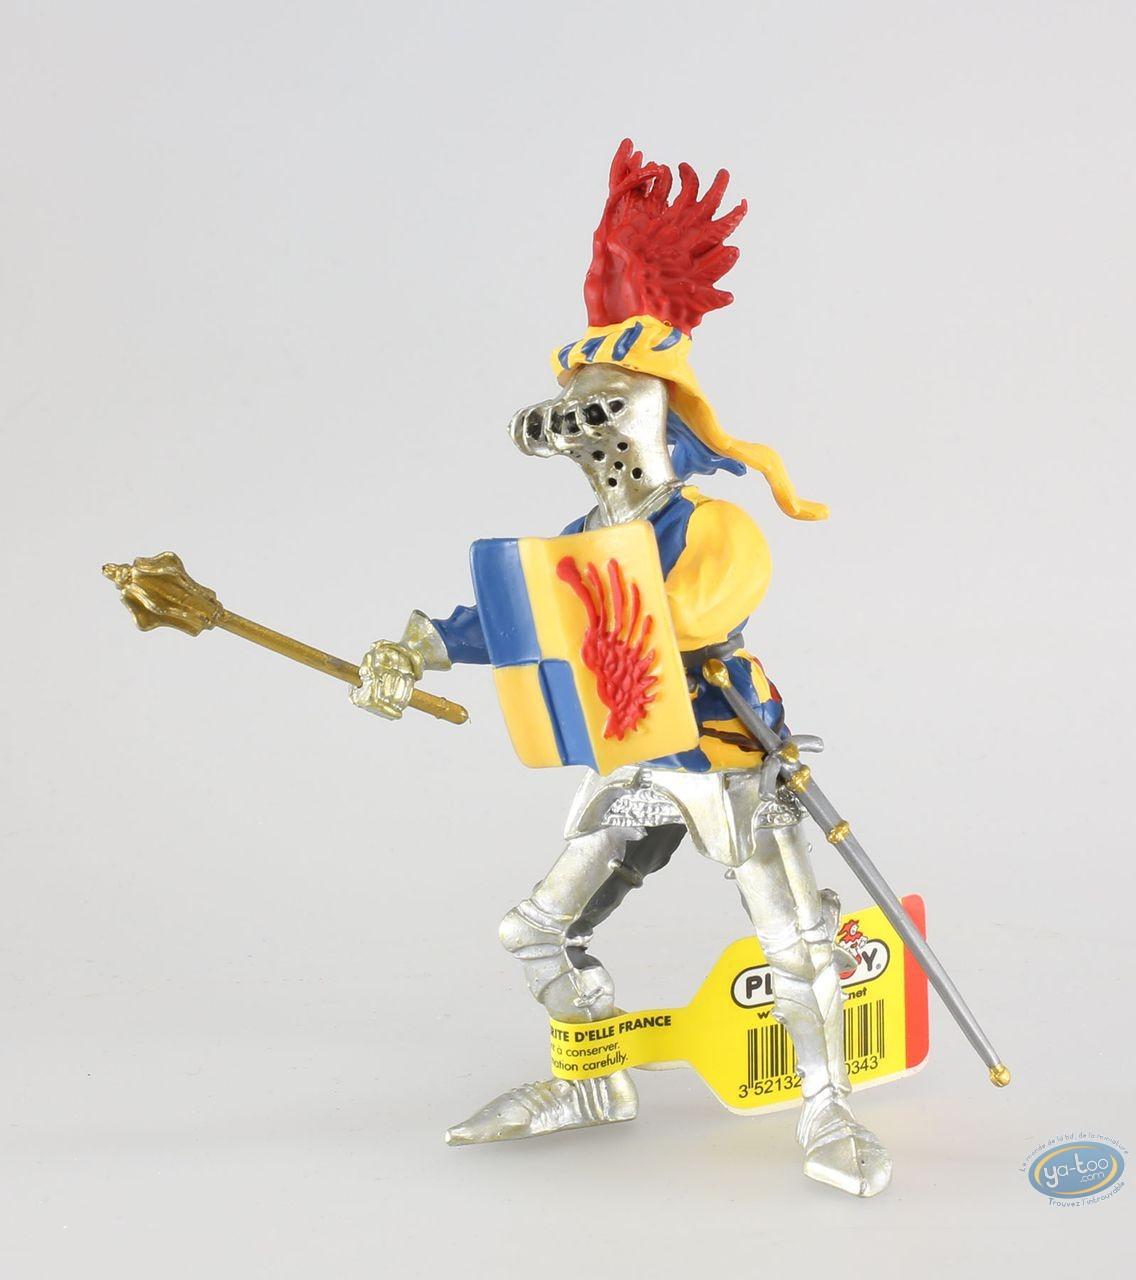 Figurine plastique, Chevalier Ailes Rouges, Damier Bleu